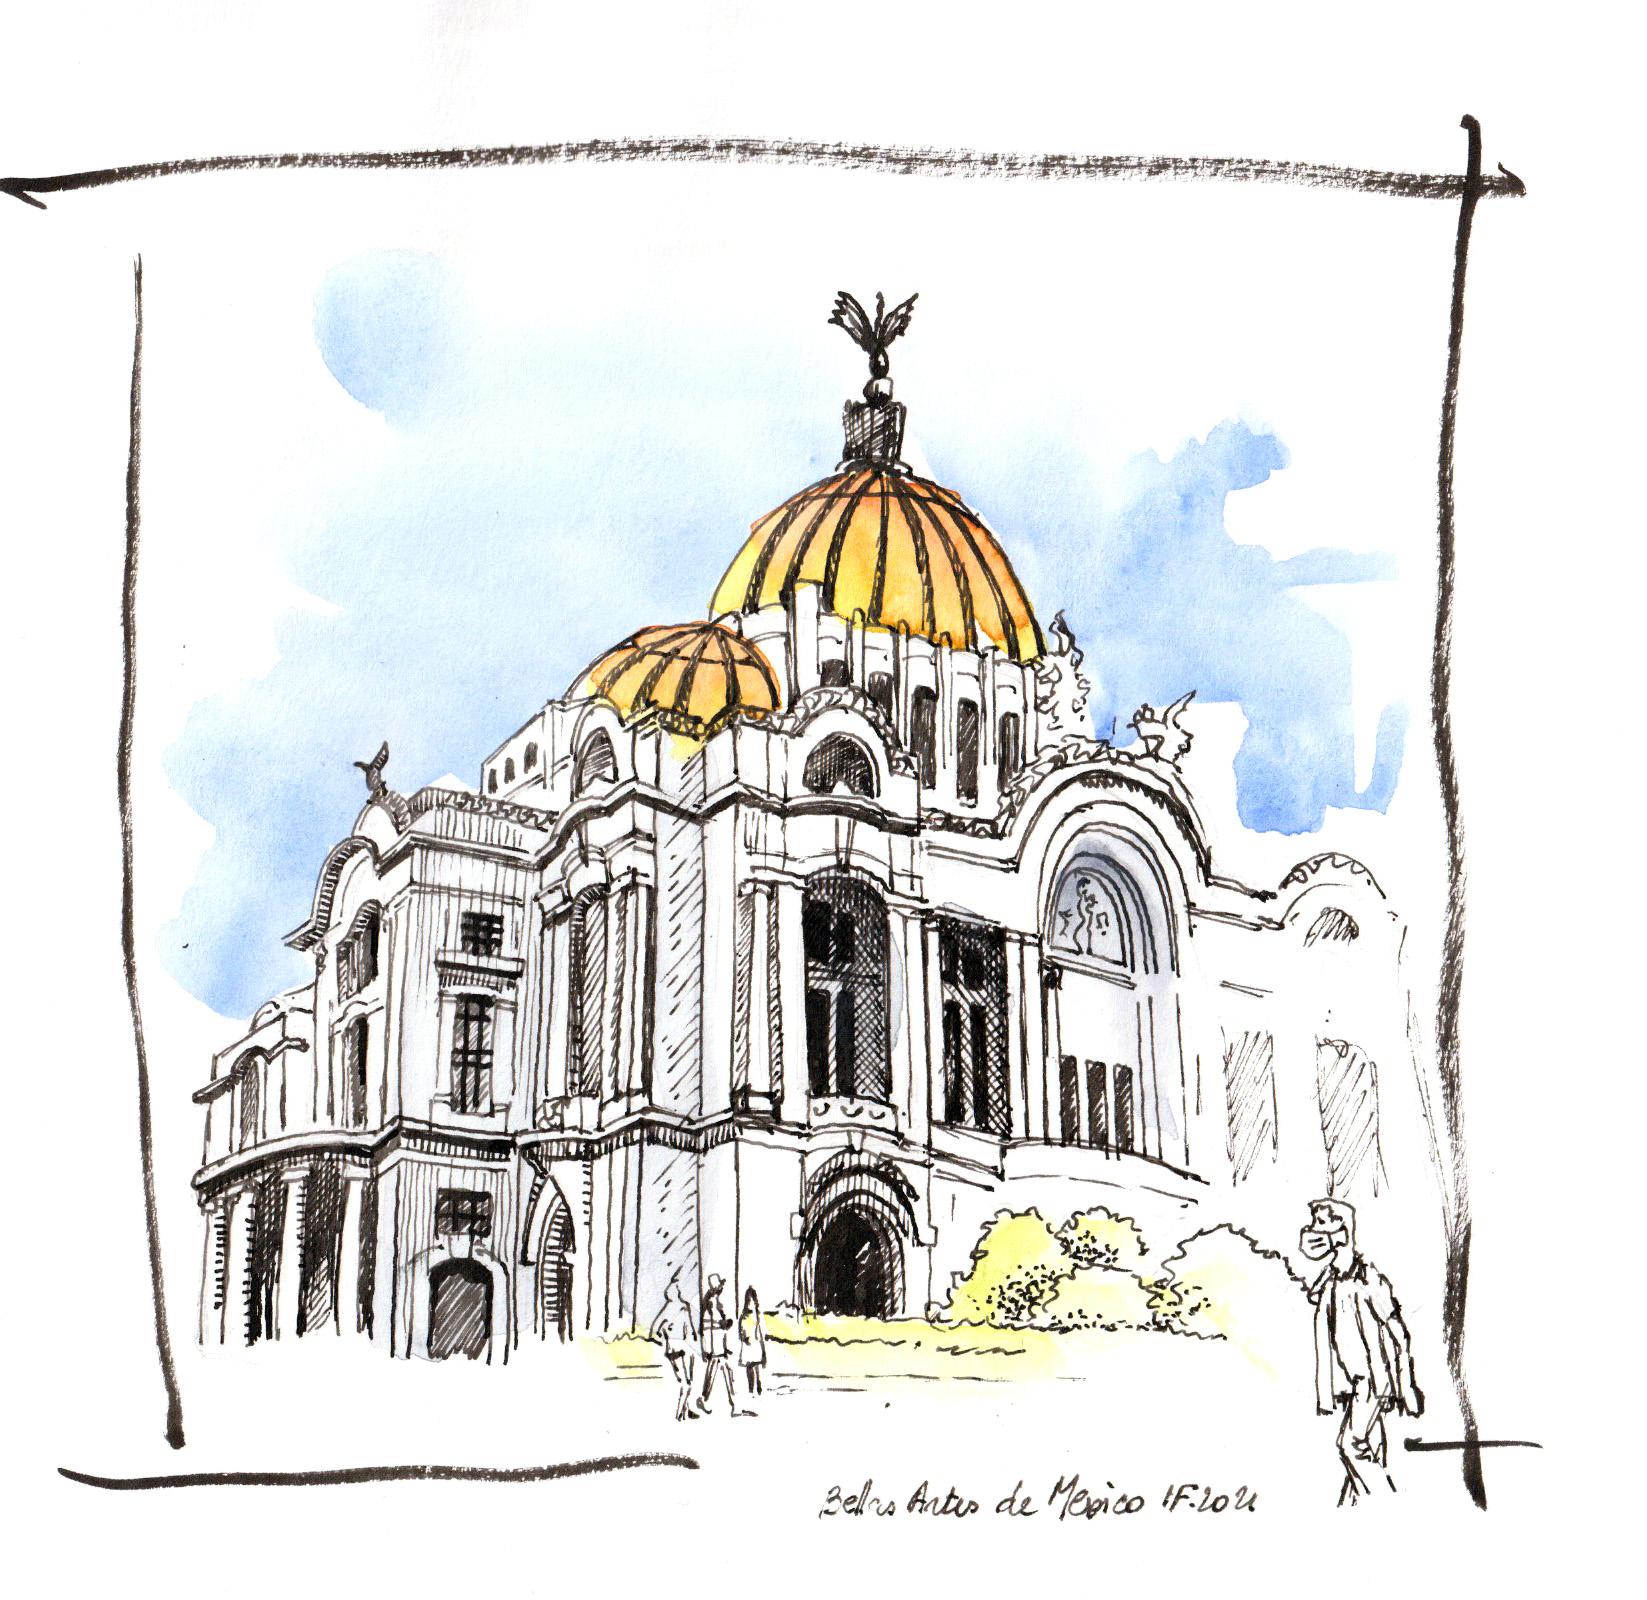 Palais de beaux arts de Mexico, croquis rapide - ©I.F 2021